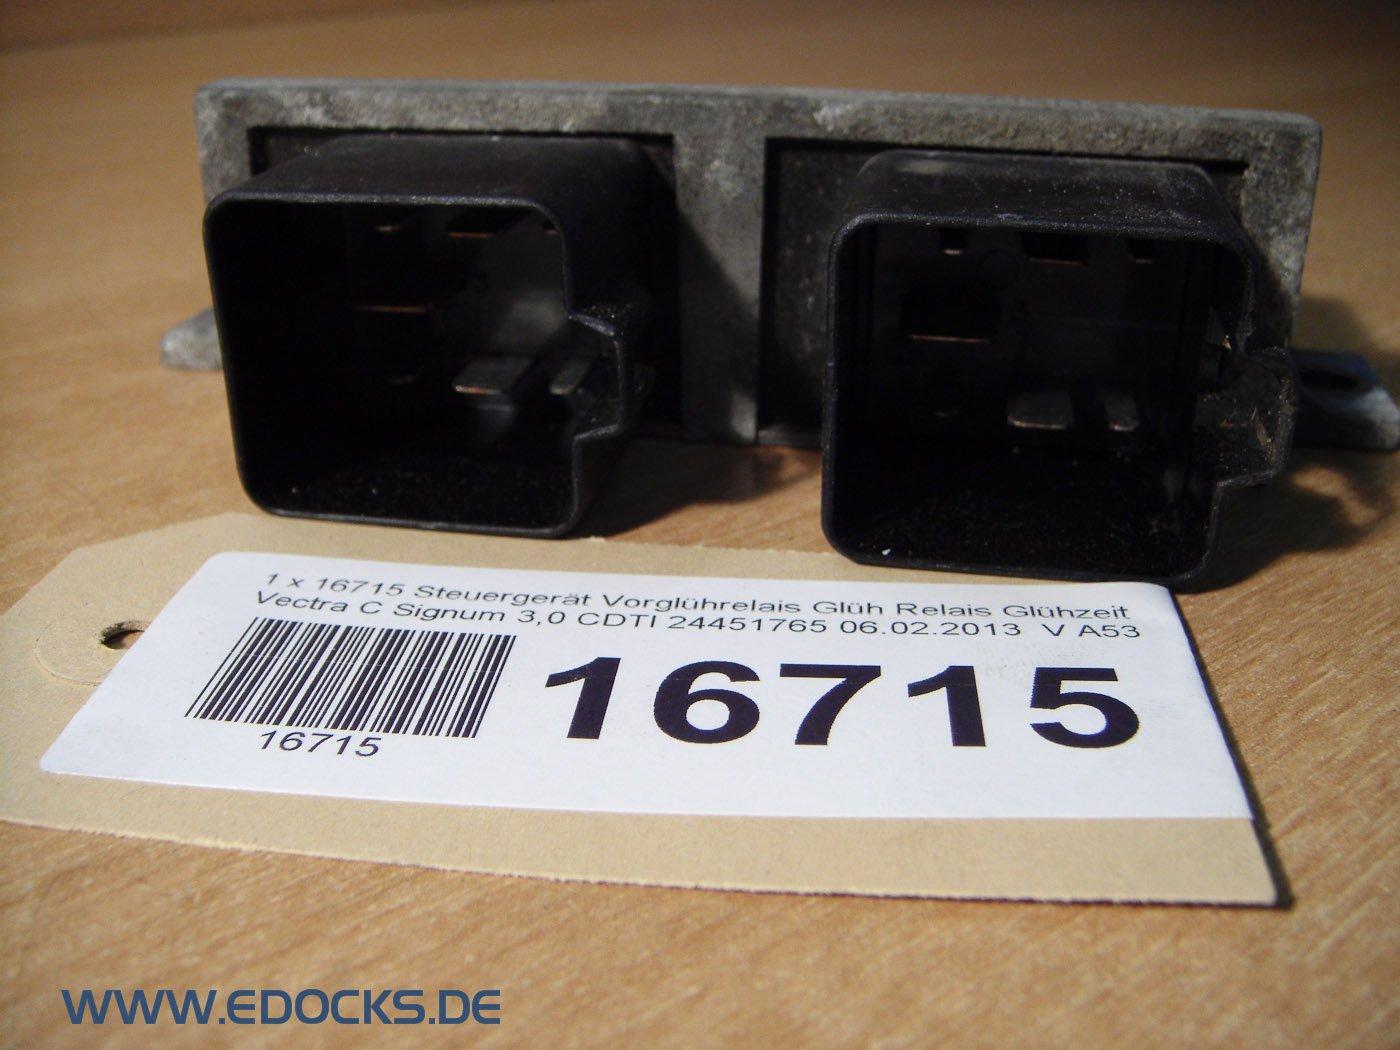 Dispositivo de control Uso lühre Lais Bujía Relé glühzeit Vectra C Signum 3,0 CDTI Opel: Amazon.es: Coche y moto